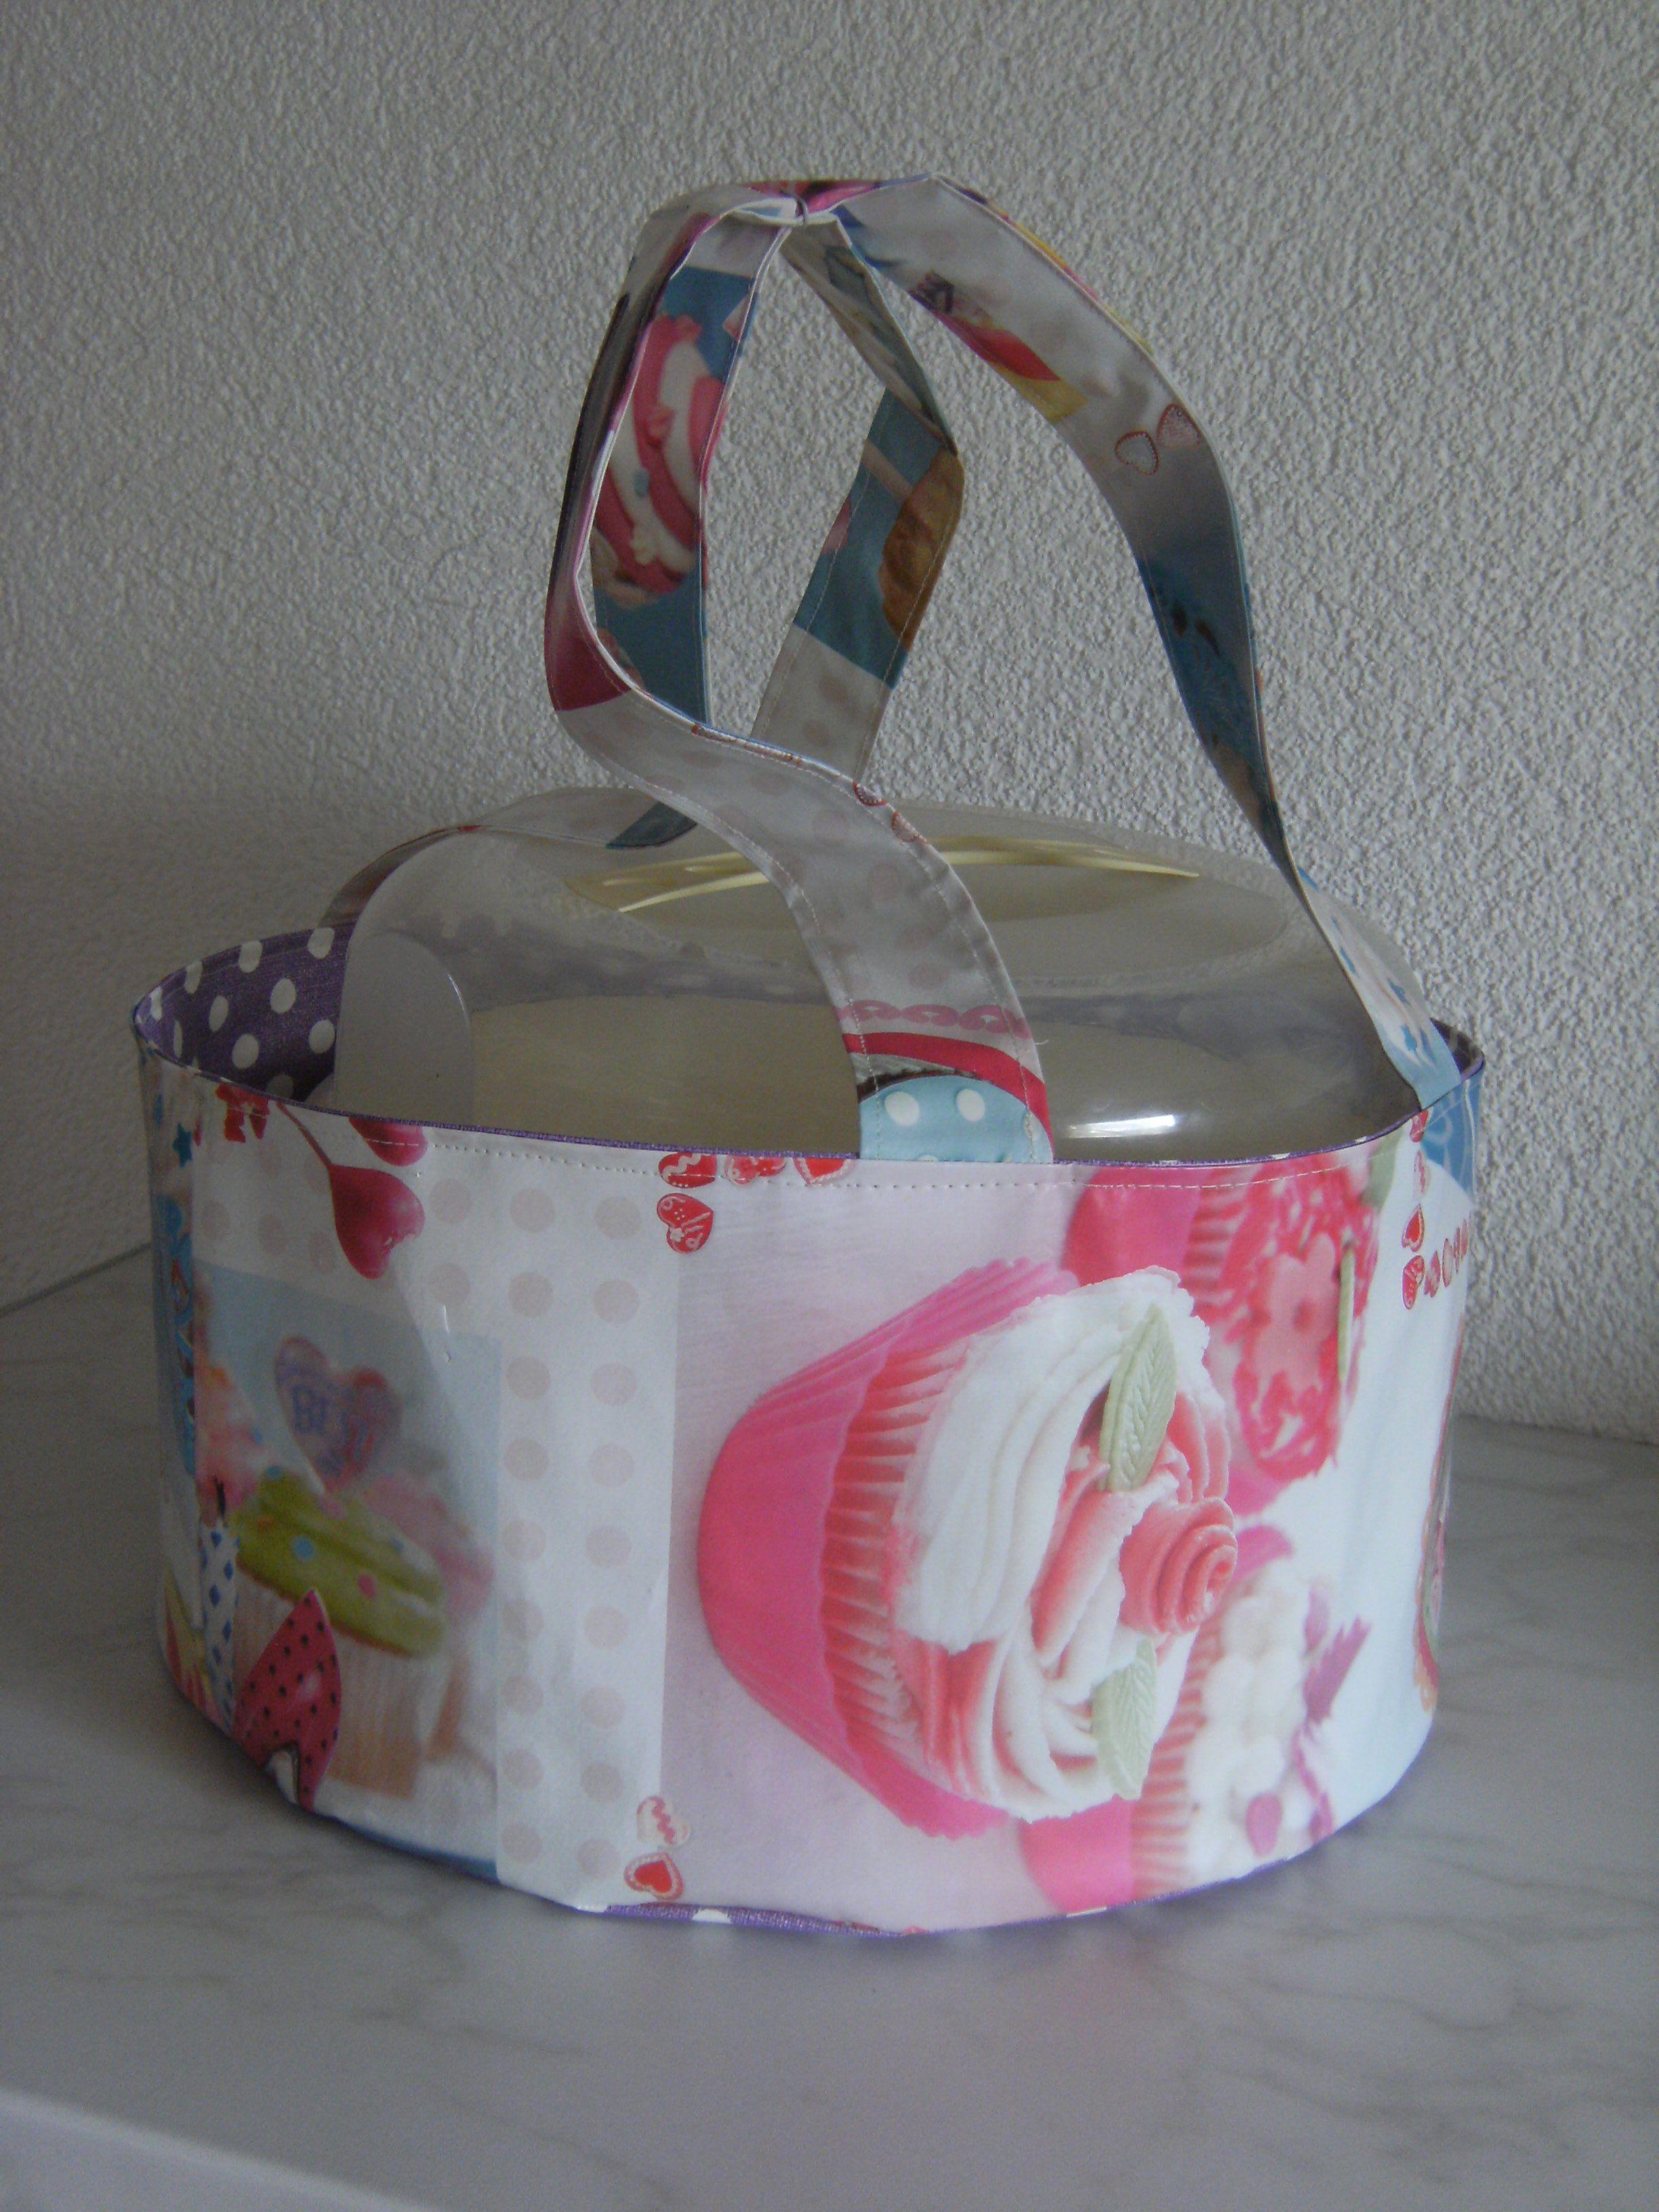 Kuchentasche, Tortentasche, Tortencontainertasche | Sew : Bags ...